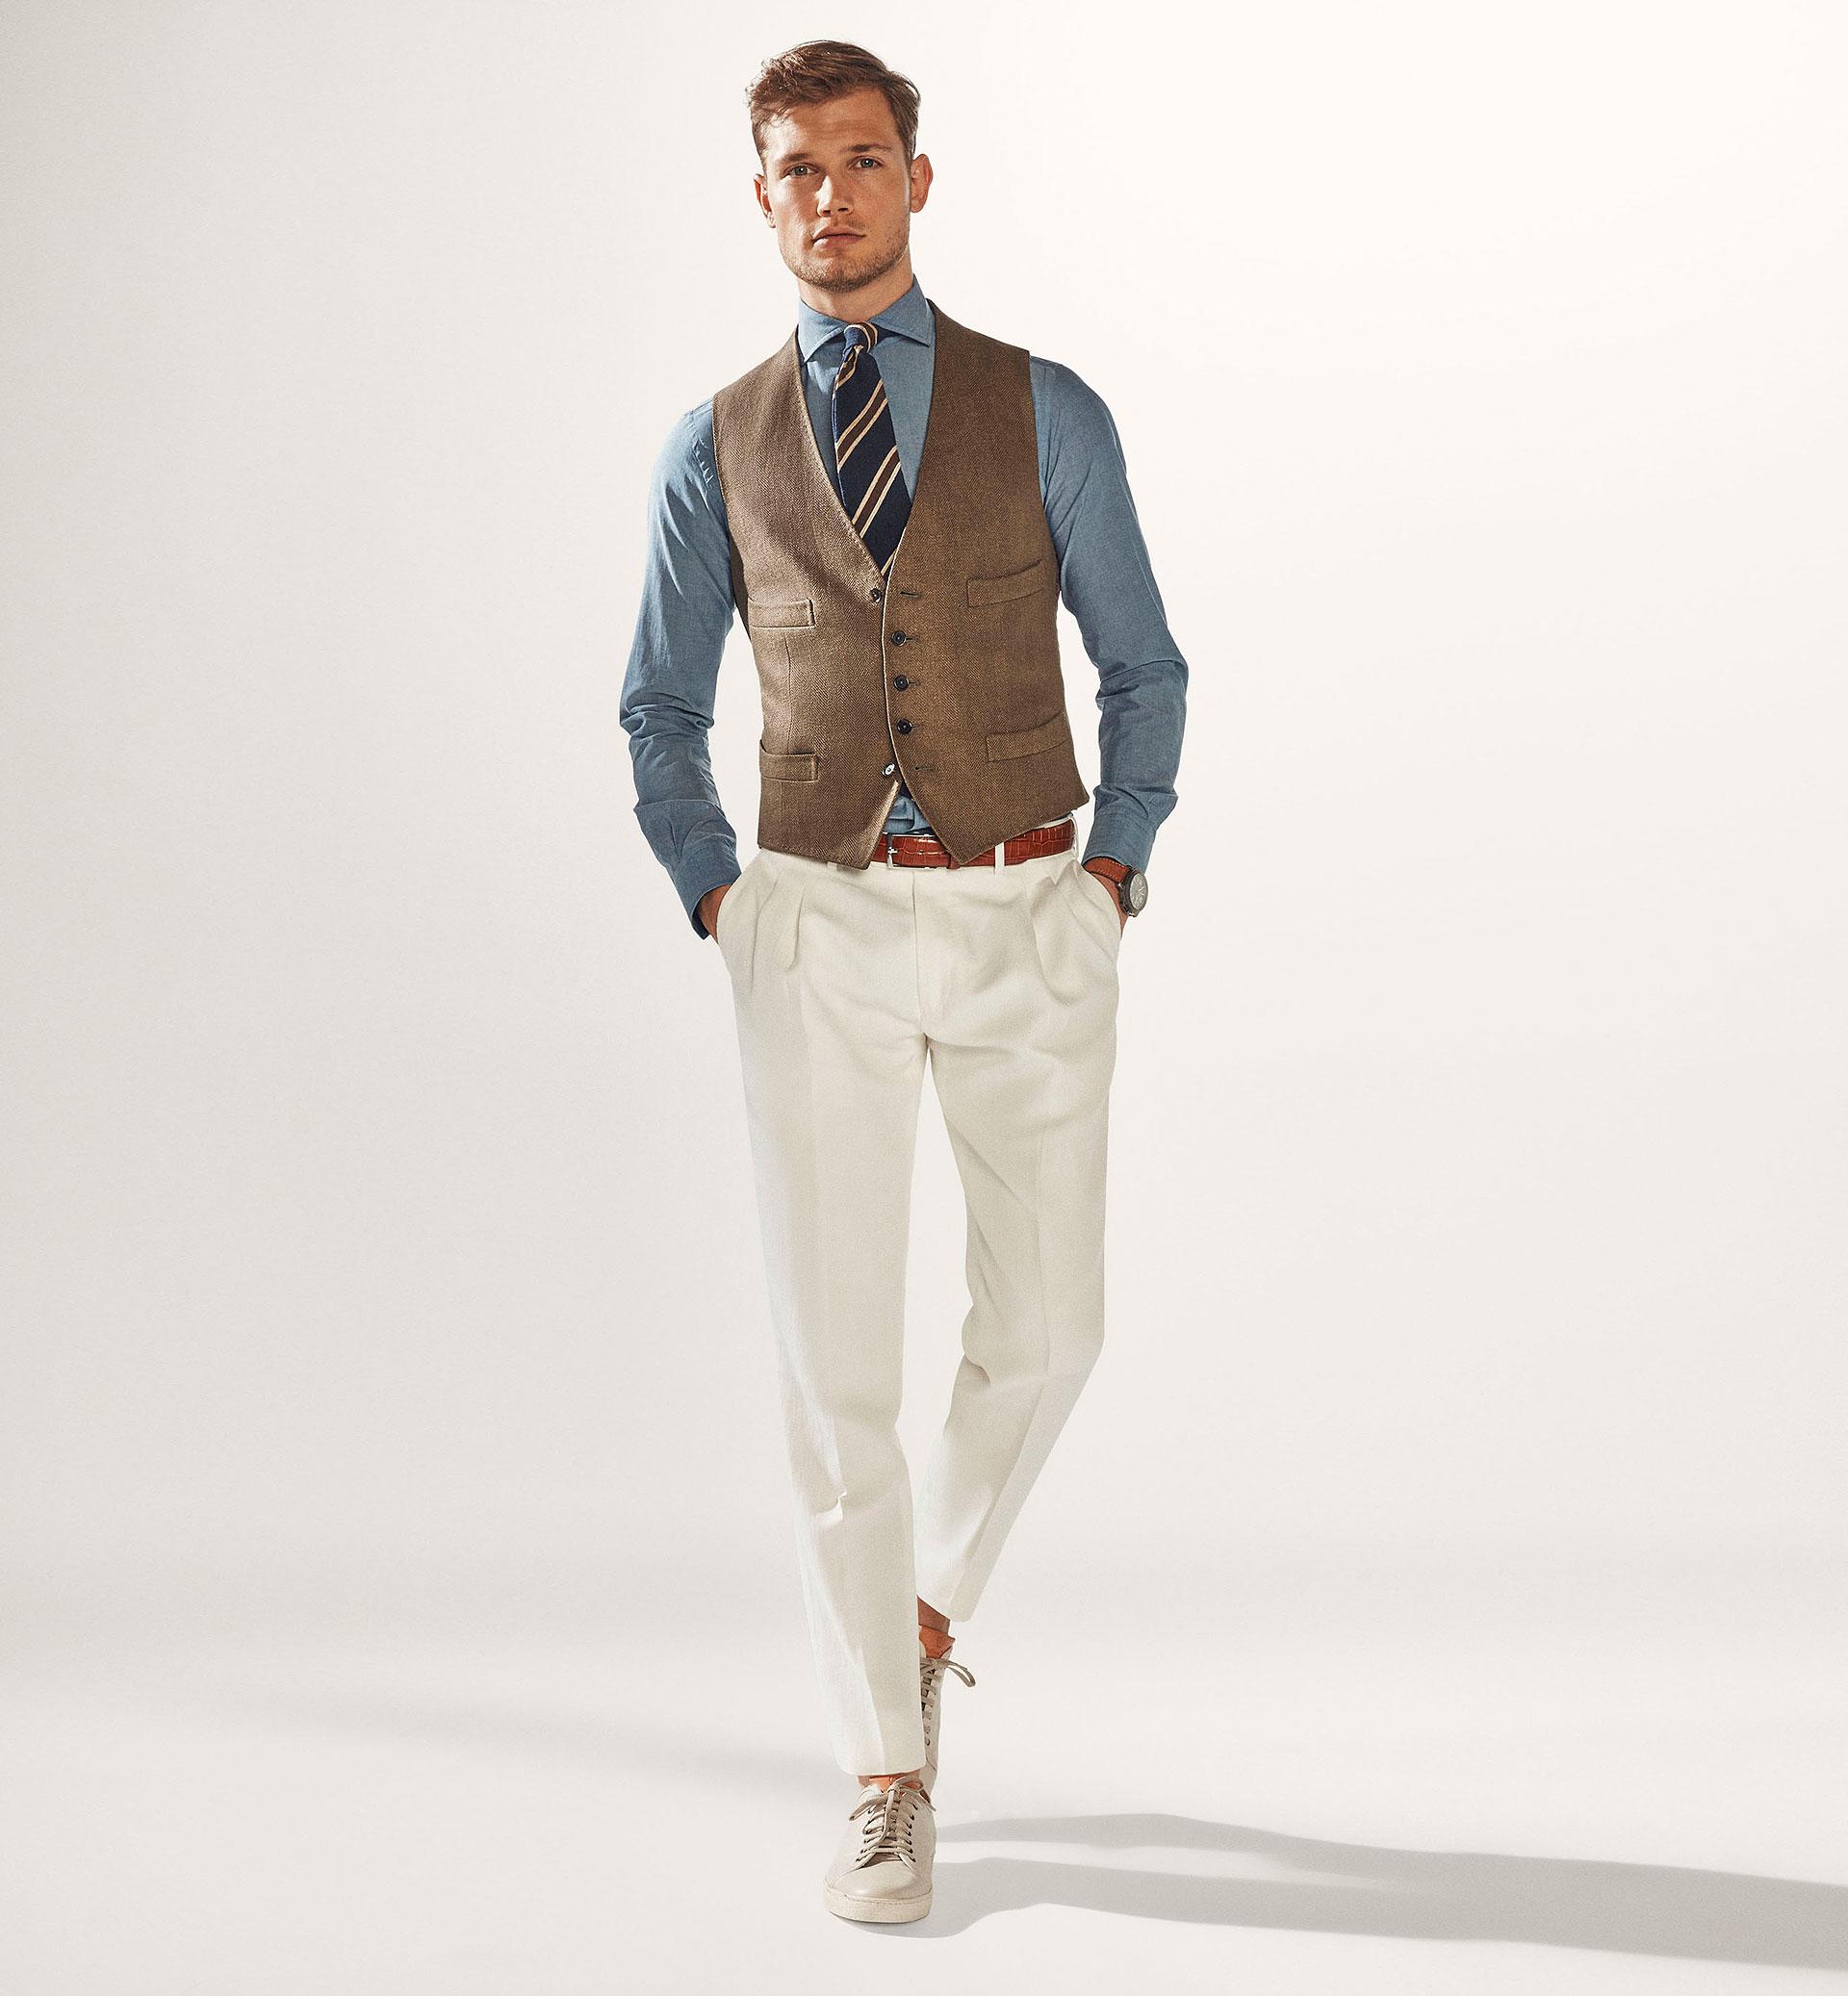 Le pantalon blanc à double plis en coton et lin de Massimo Dutti Personnal  Tailoring aacf9a21534